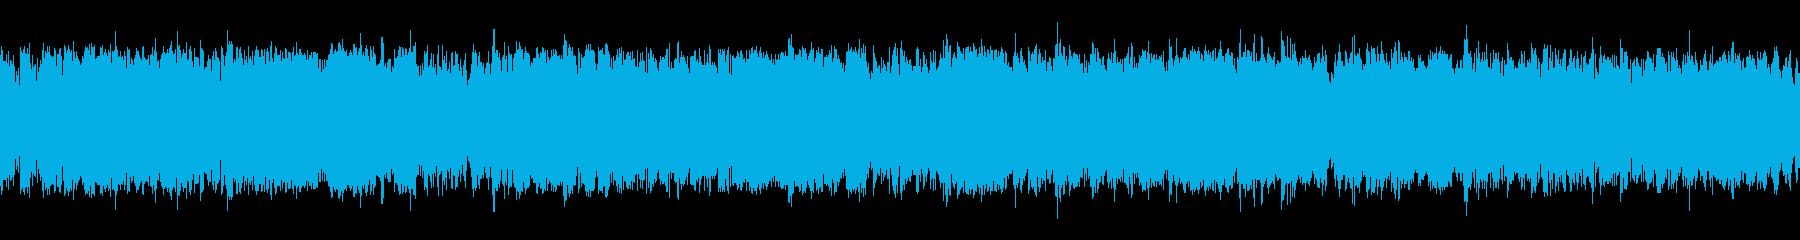 爽やかピアノメイン(ループ仕様)の再生済みの波形